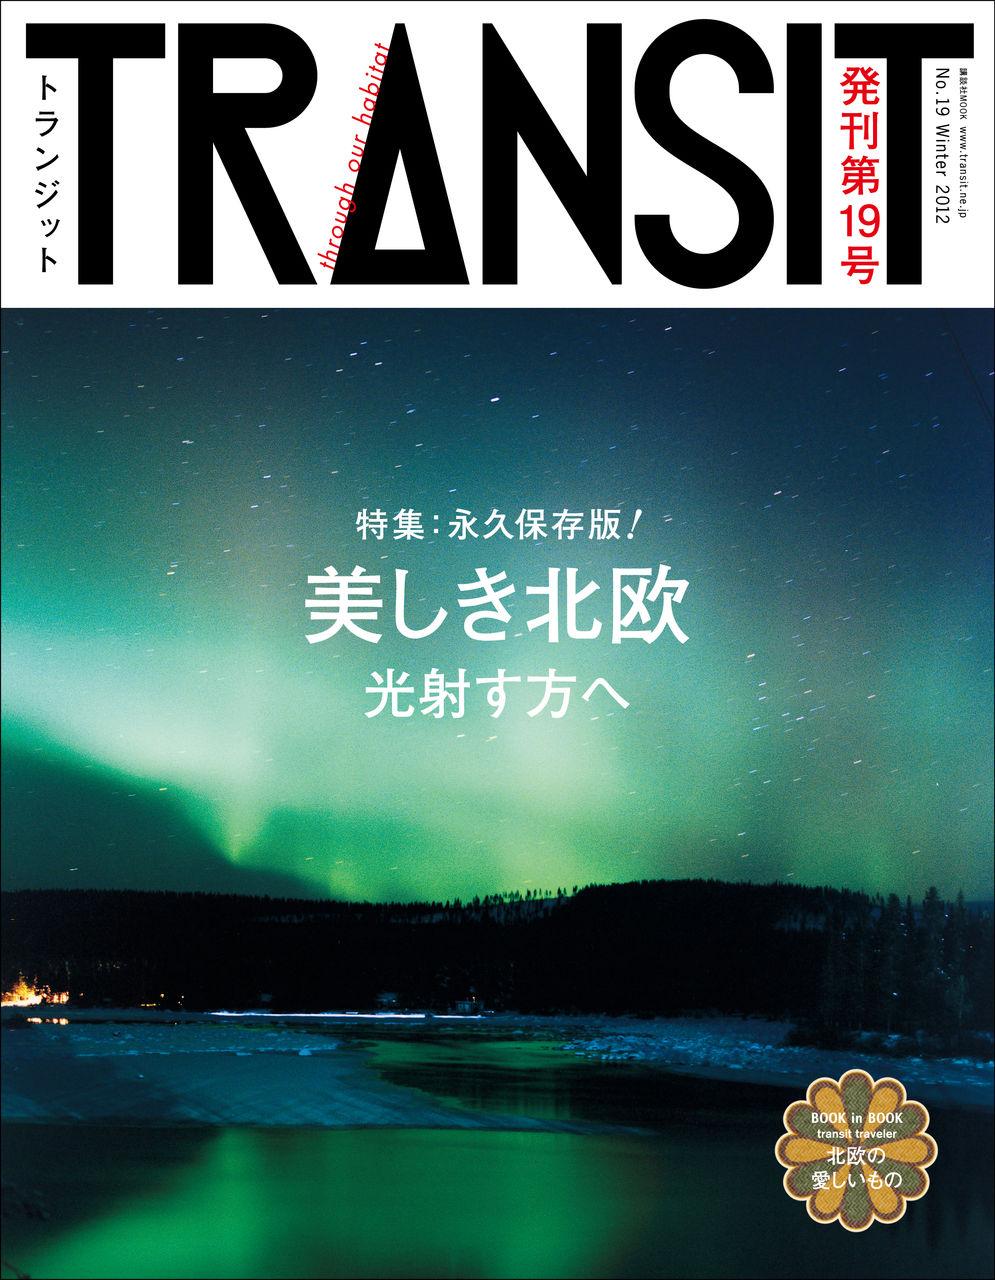 TRANSIT_19